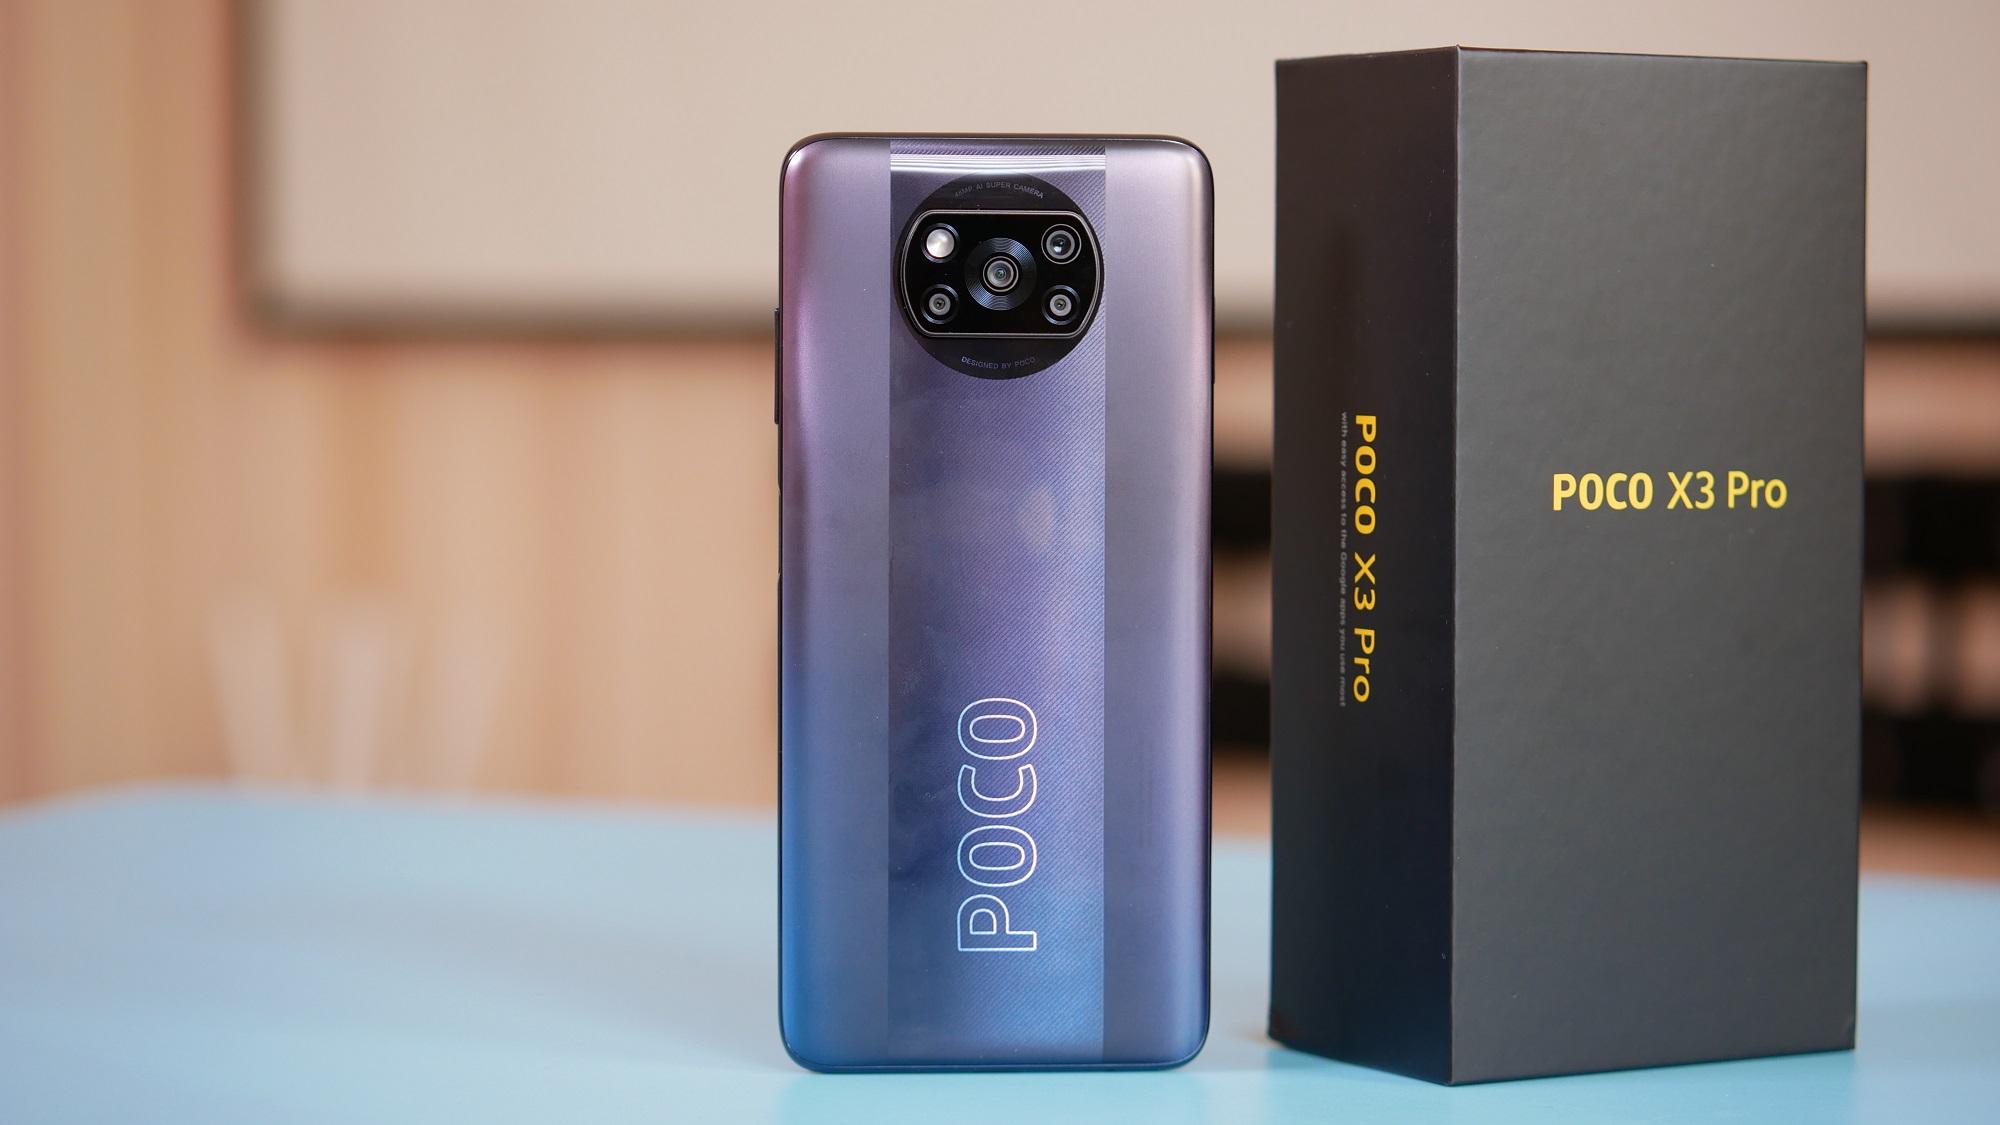 10 найпопулярніших смартфонів. Xiaomi очолює список на цьому тижні